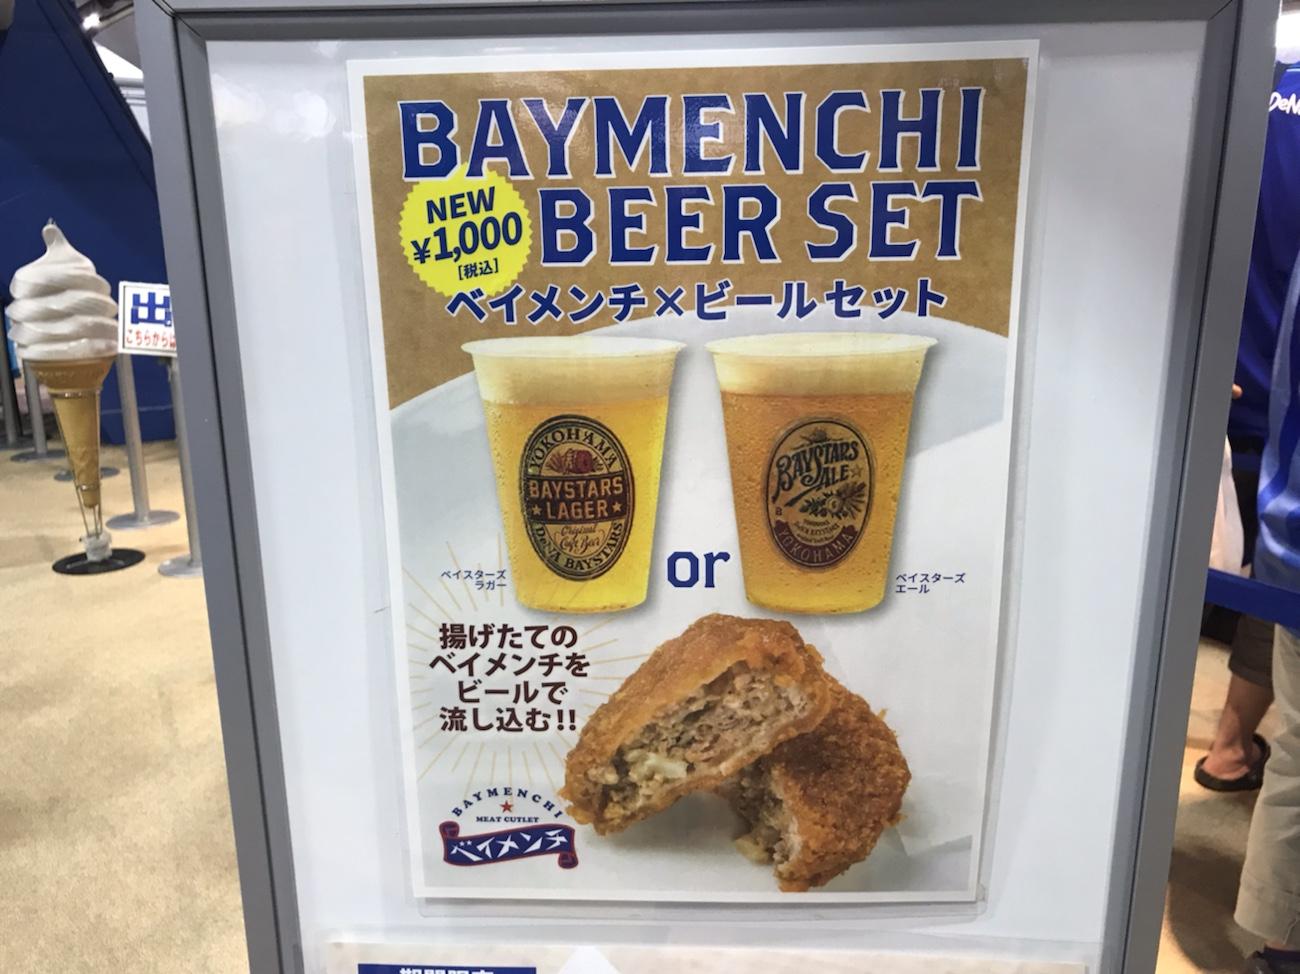 ベイメンチ売り場と感想 横浜スタジアム